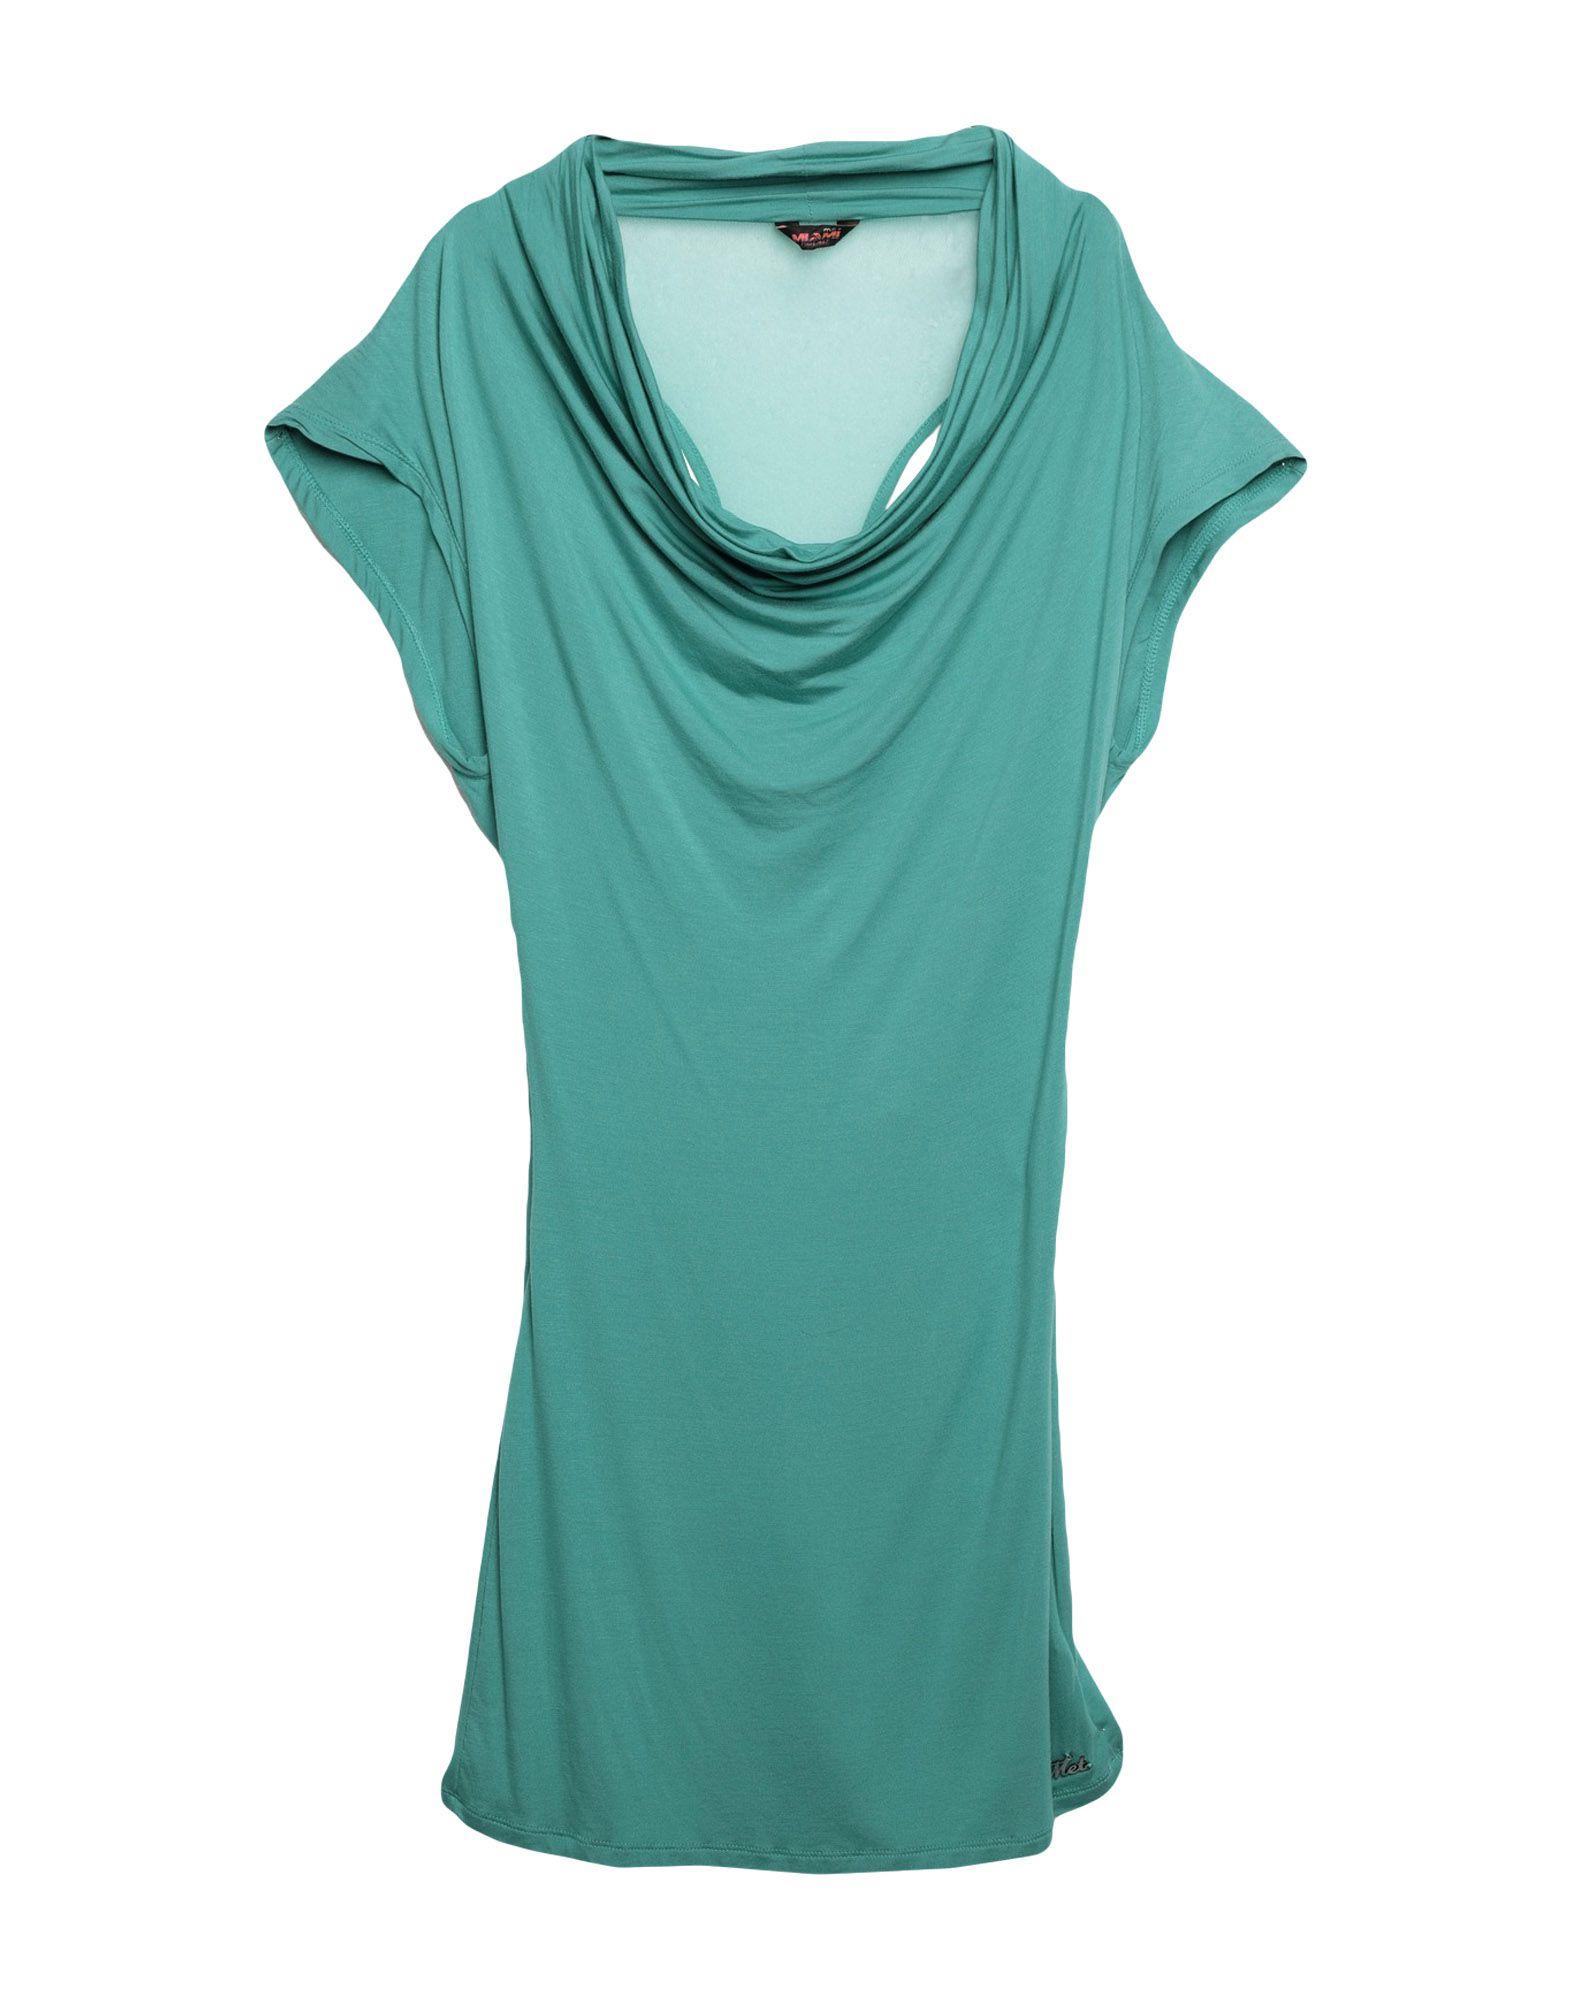 MET MIAMI COCKTAIL Damen Kurzes Kleid Farbe Tūrkis Größe 6